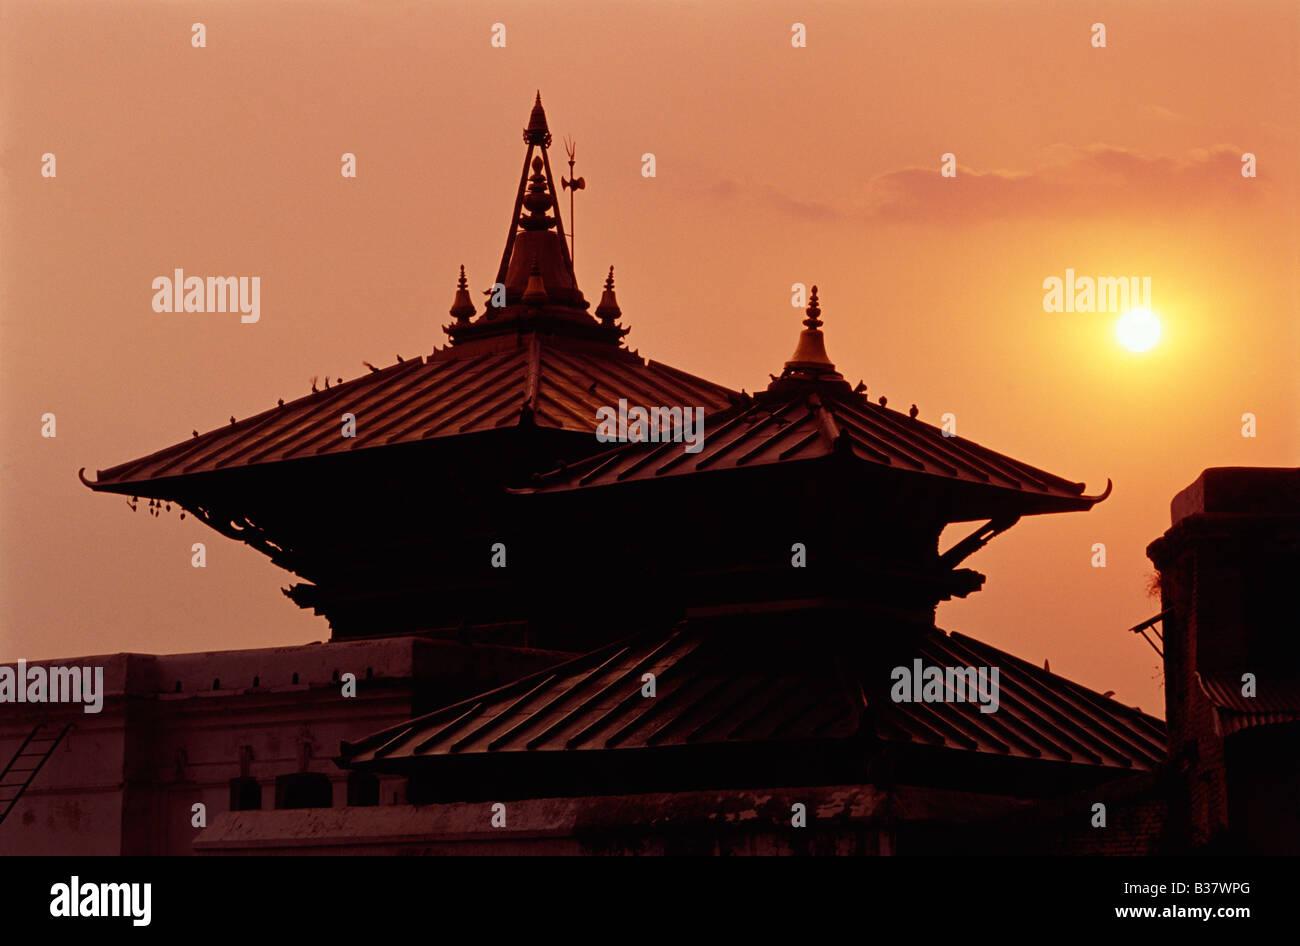 Kathmandu, Pashupatinath Temple, Sunset - Stock Image